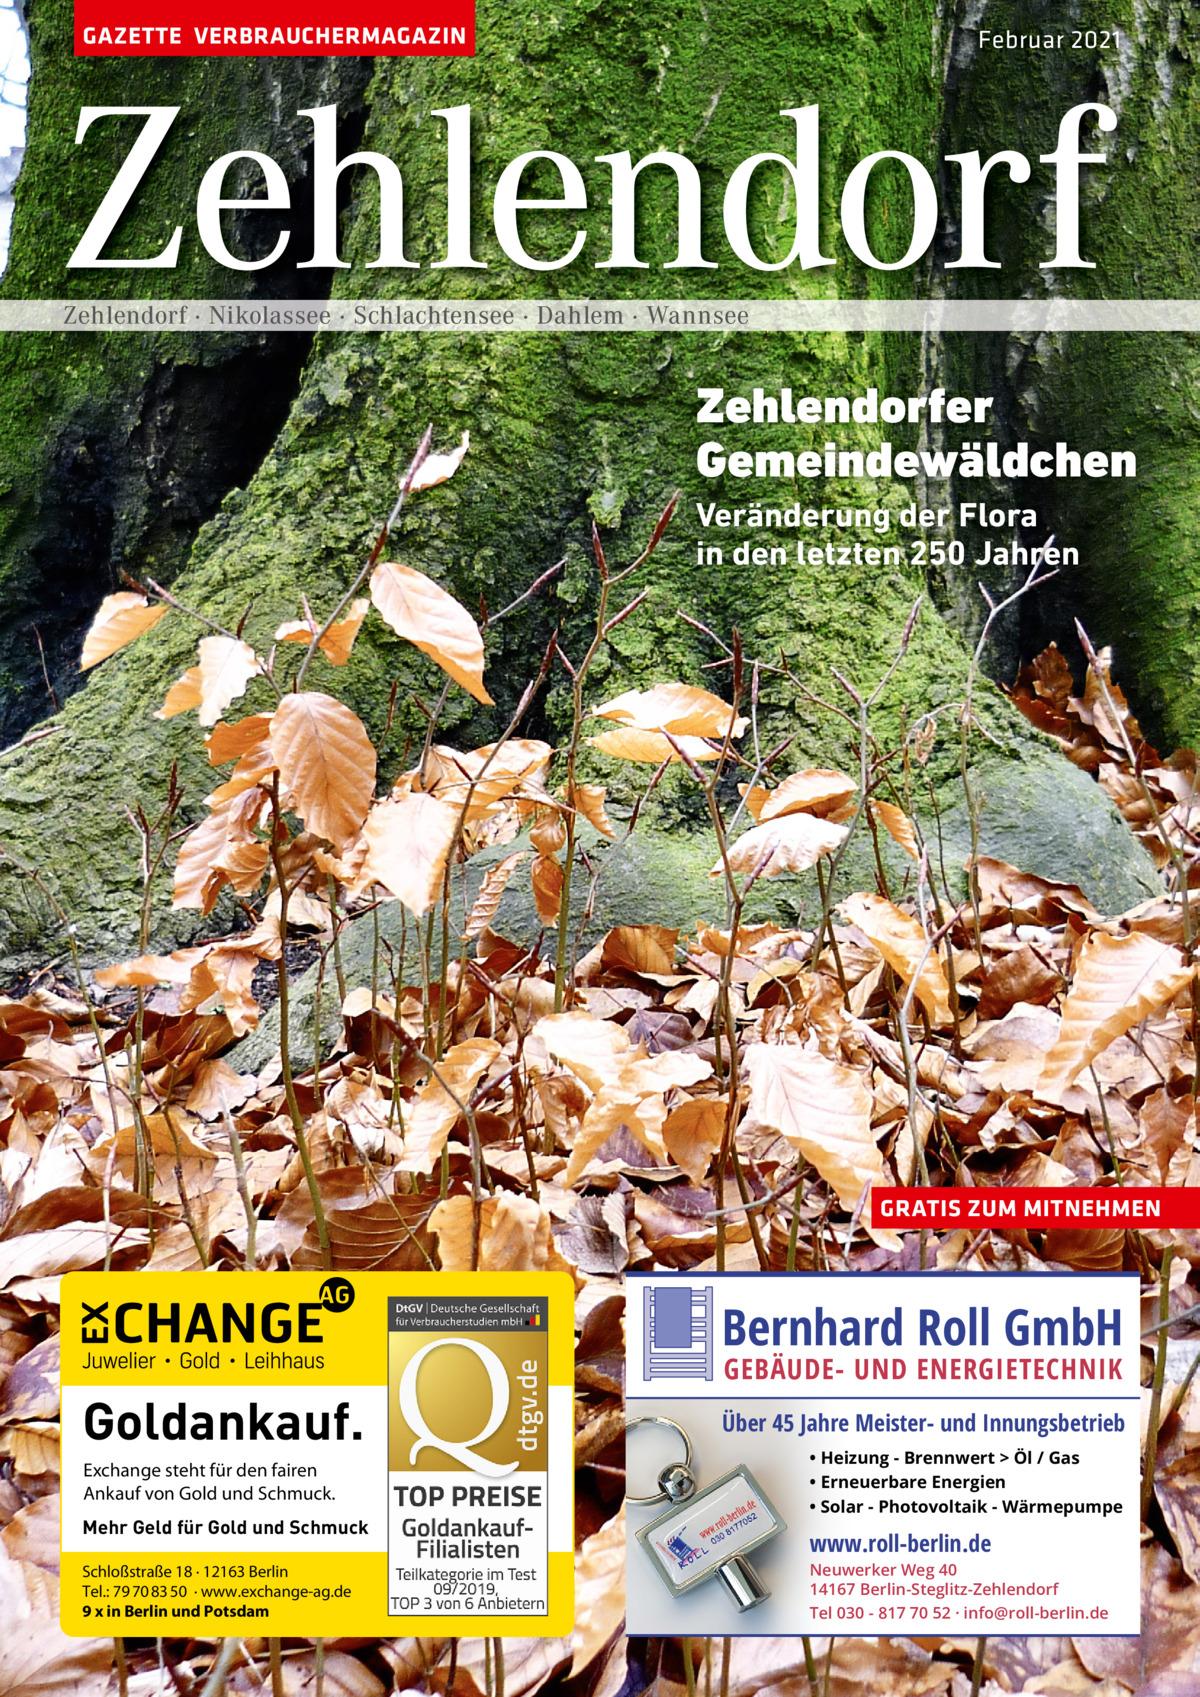 GAZETTE VERBRAUCHERMAGAZIN  Februar 2021  Zehlendorf Zehlendorf · Nikolassee · Schlachtensee · Dahlem · Wannsee  Zehlendorfer Gemeindewäldchen Veränderung der Flora in den letzten 250 Jahren  GRATIS ZUM MITNEHMEN  Bernhard Roll GmbH  Goldankauf. Exchange steht für den fairen Ankauf von Gold und Schmuck. Mehr Geld für Gold und Schmuck Schloßstraße 18 · 12163 Berlin Tel.: 79 70 83 50 · www.exchange-ag.de 9 x in Berlin und Potsdam  GEBÄUDE- UND ENERGIETECHNIK  Über 45 Jahre Meister- und Innungsbetrieb • Heizung - Brennwert  Öl / Gas • Erneuerbare Energien • Solar - Photovoltaik - Wärmepumpe  www.roll-berlin.de  Neuwerker Weg 40 14167 Berlin-Steglitz-Zehlendorf Tel 030 - 817 70 52 · info@roll-berlin.de